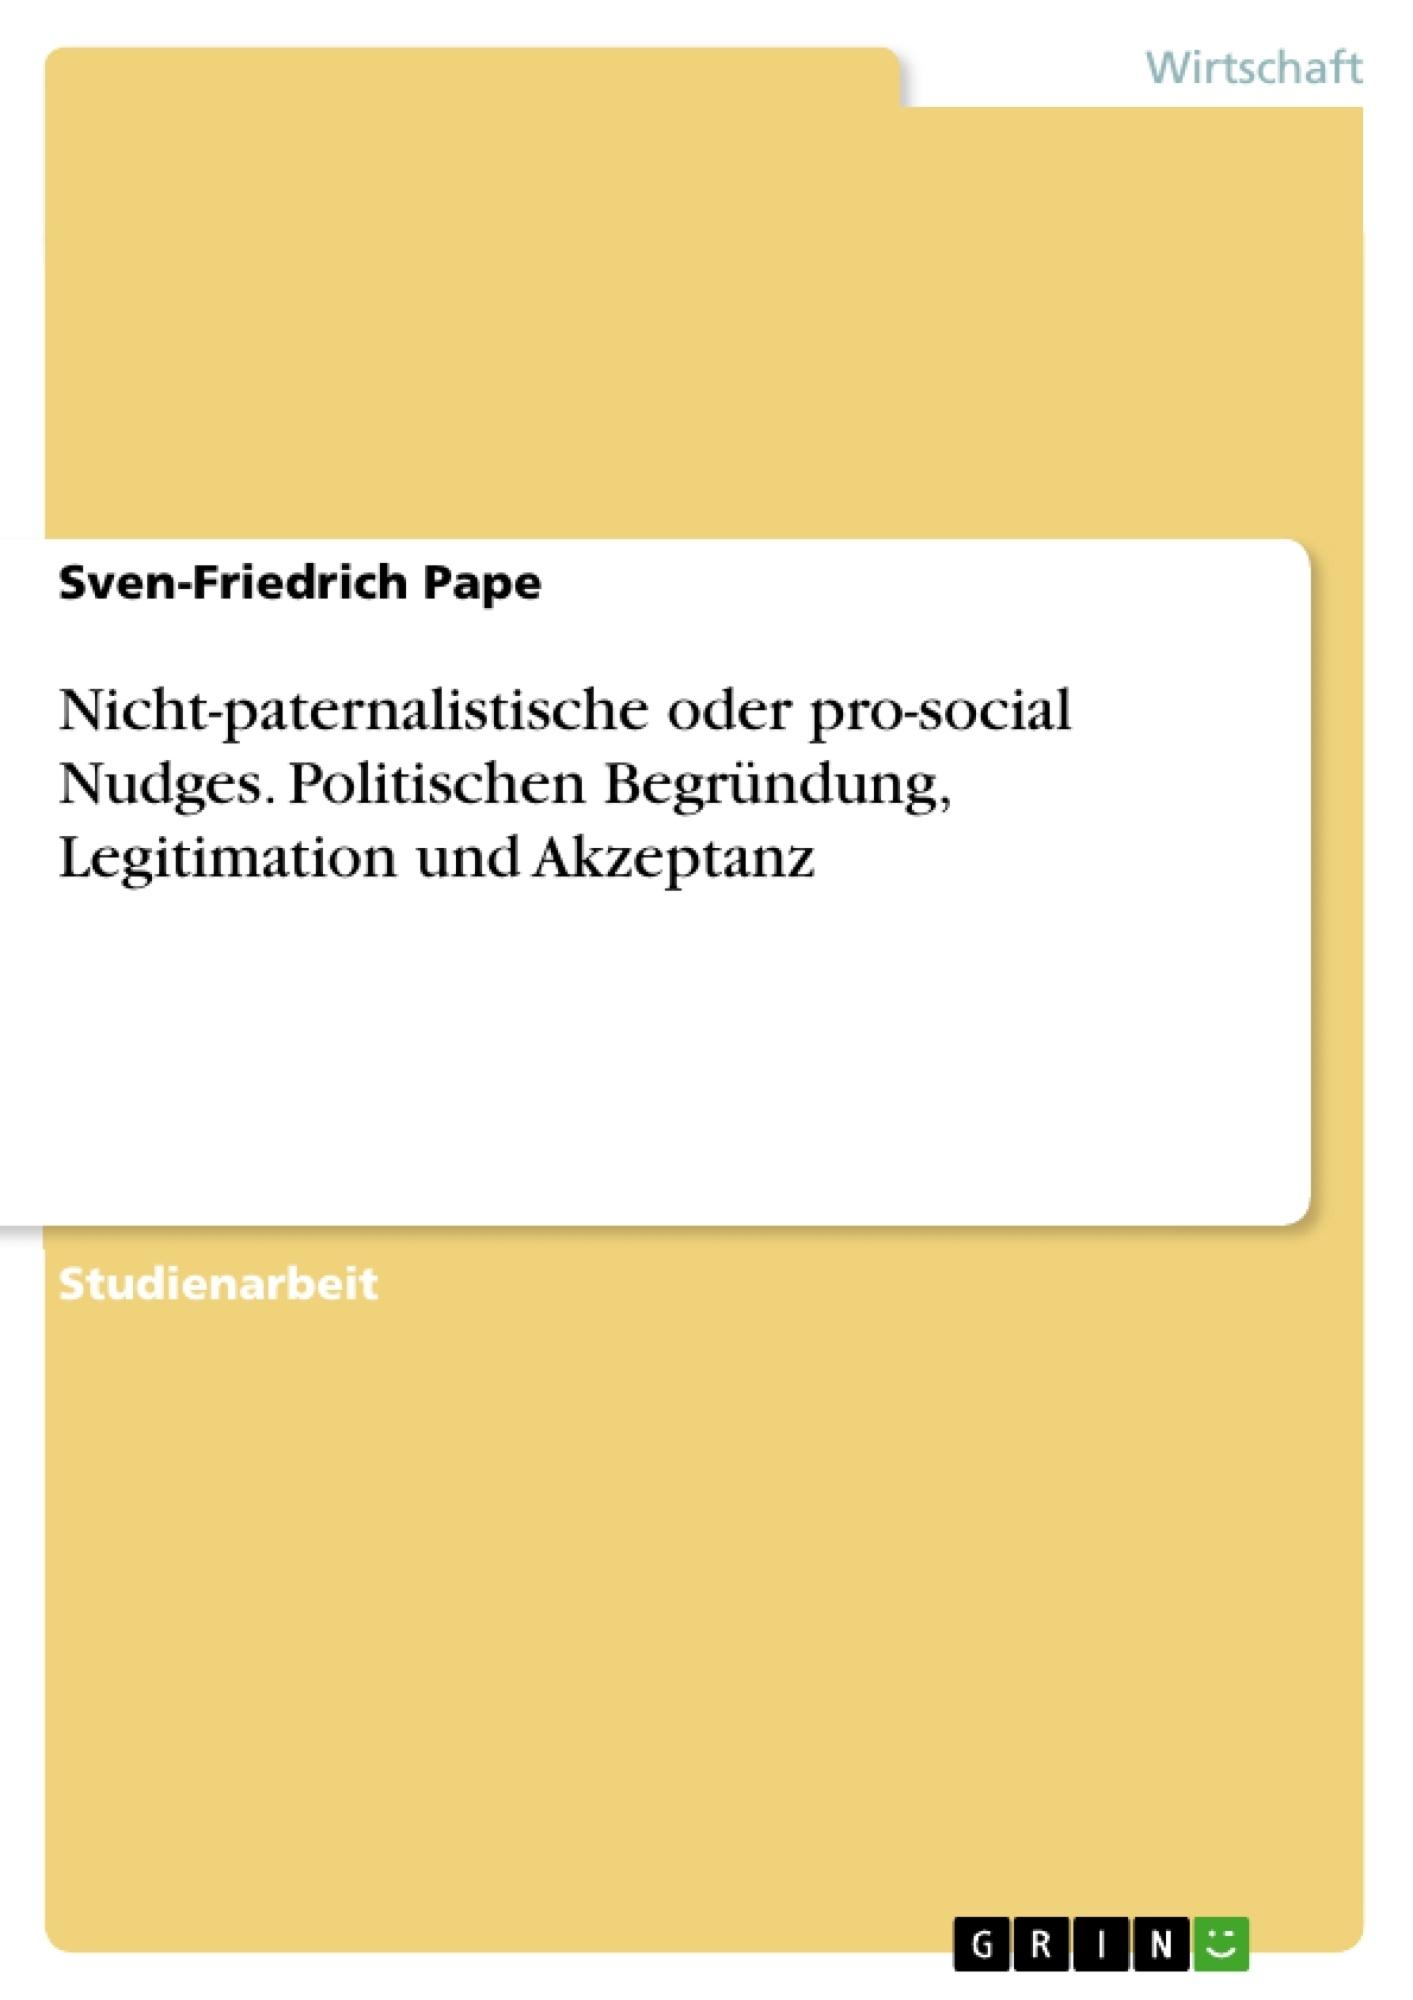 Titel: Nicht-paternalistische oder pro-social Nudges. Politischen Begründung, Legitimation und Akzeptanz